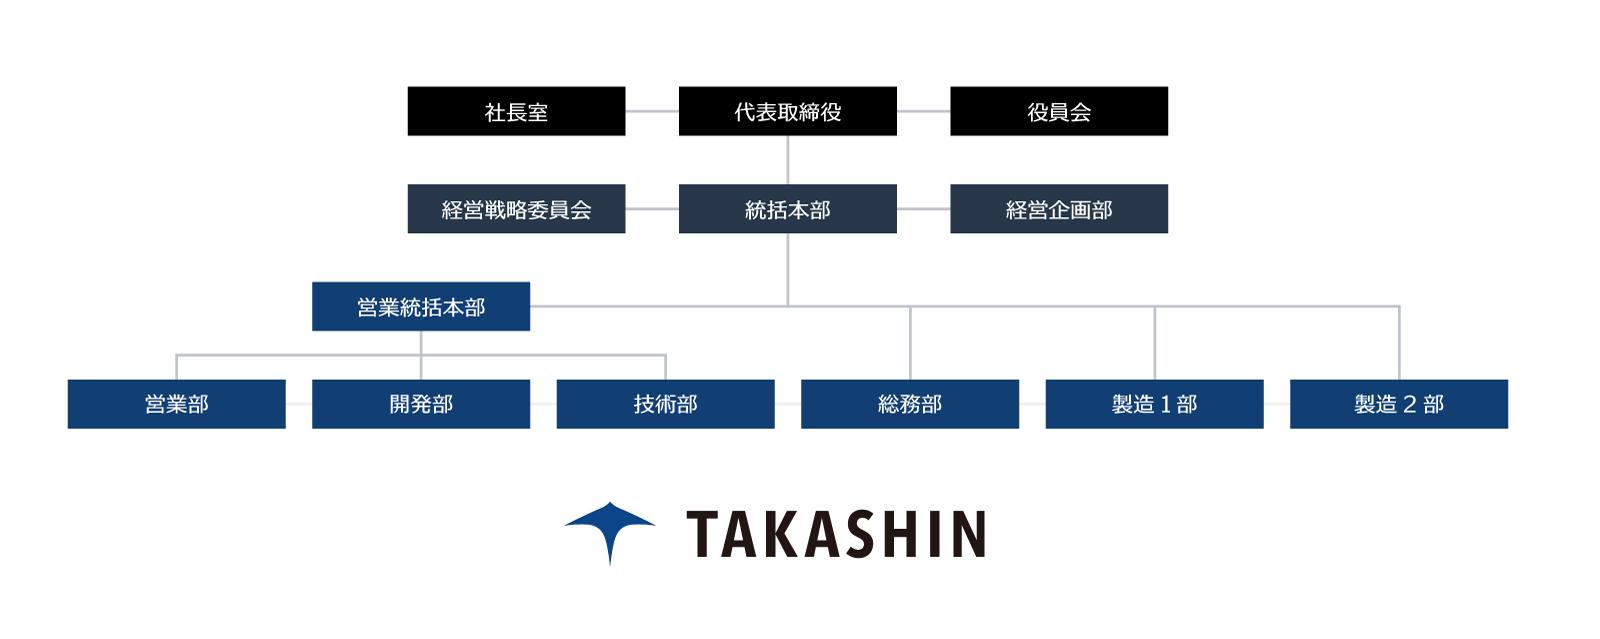 株式会社タカシン組織図